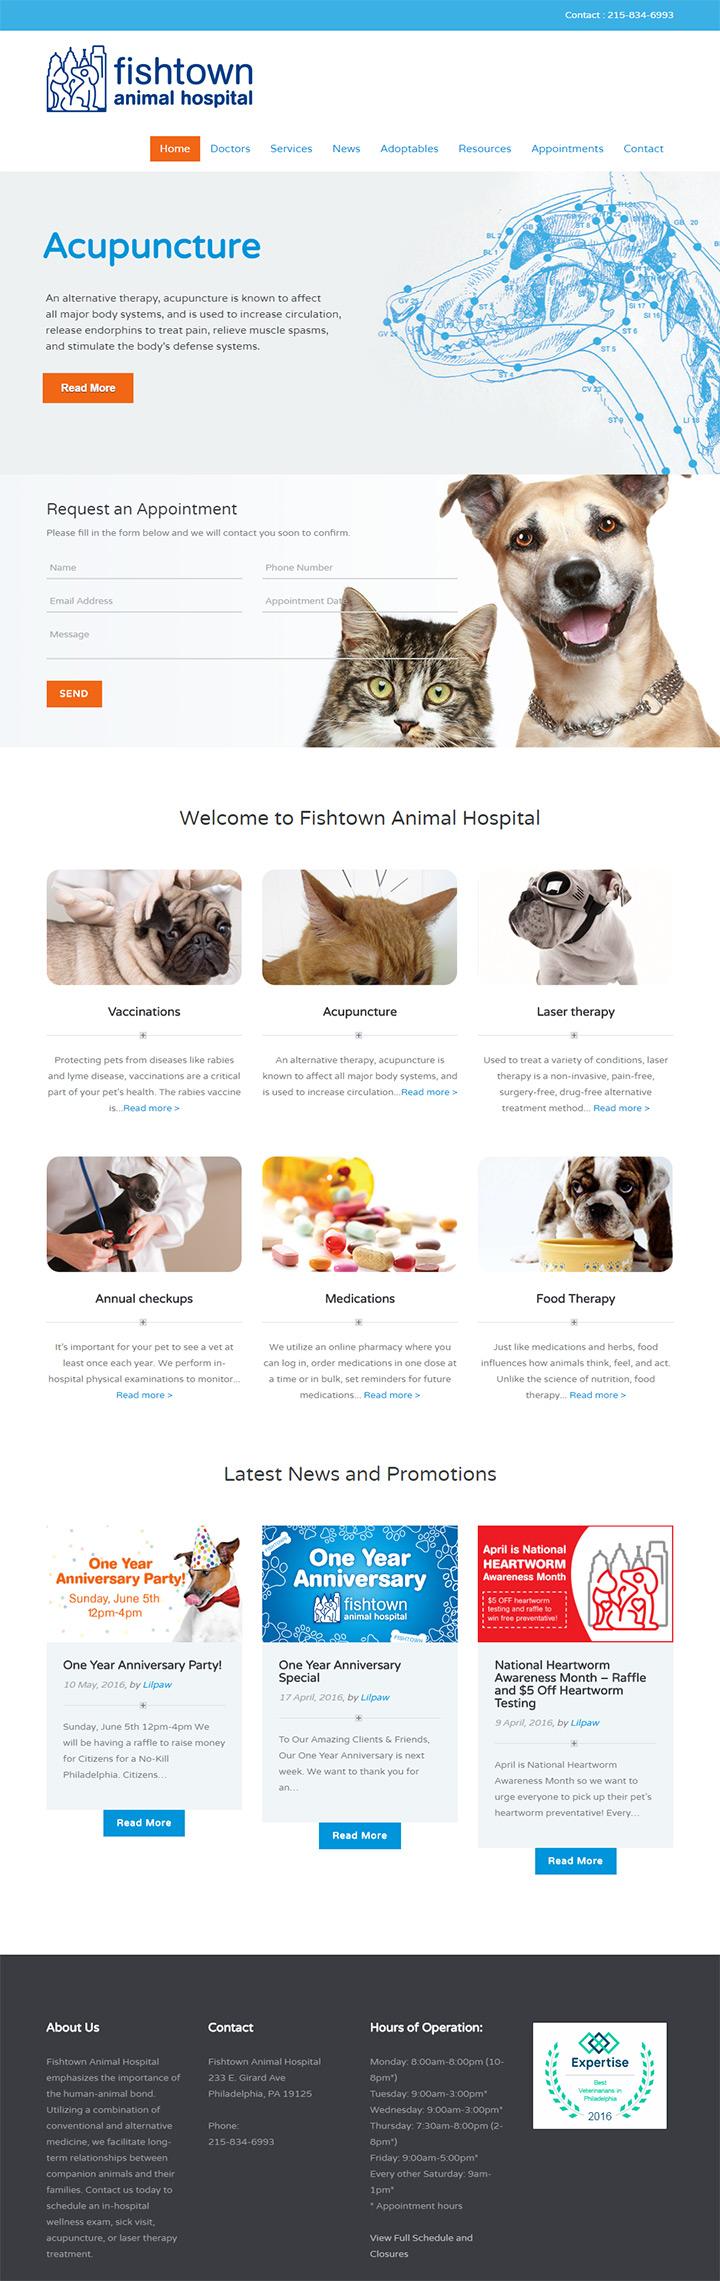 fishtown animal hospital